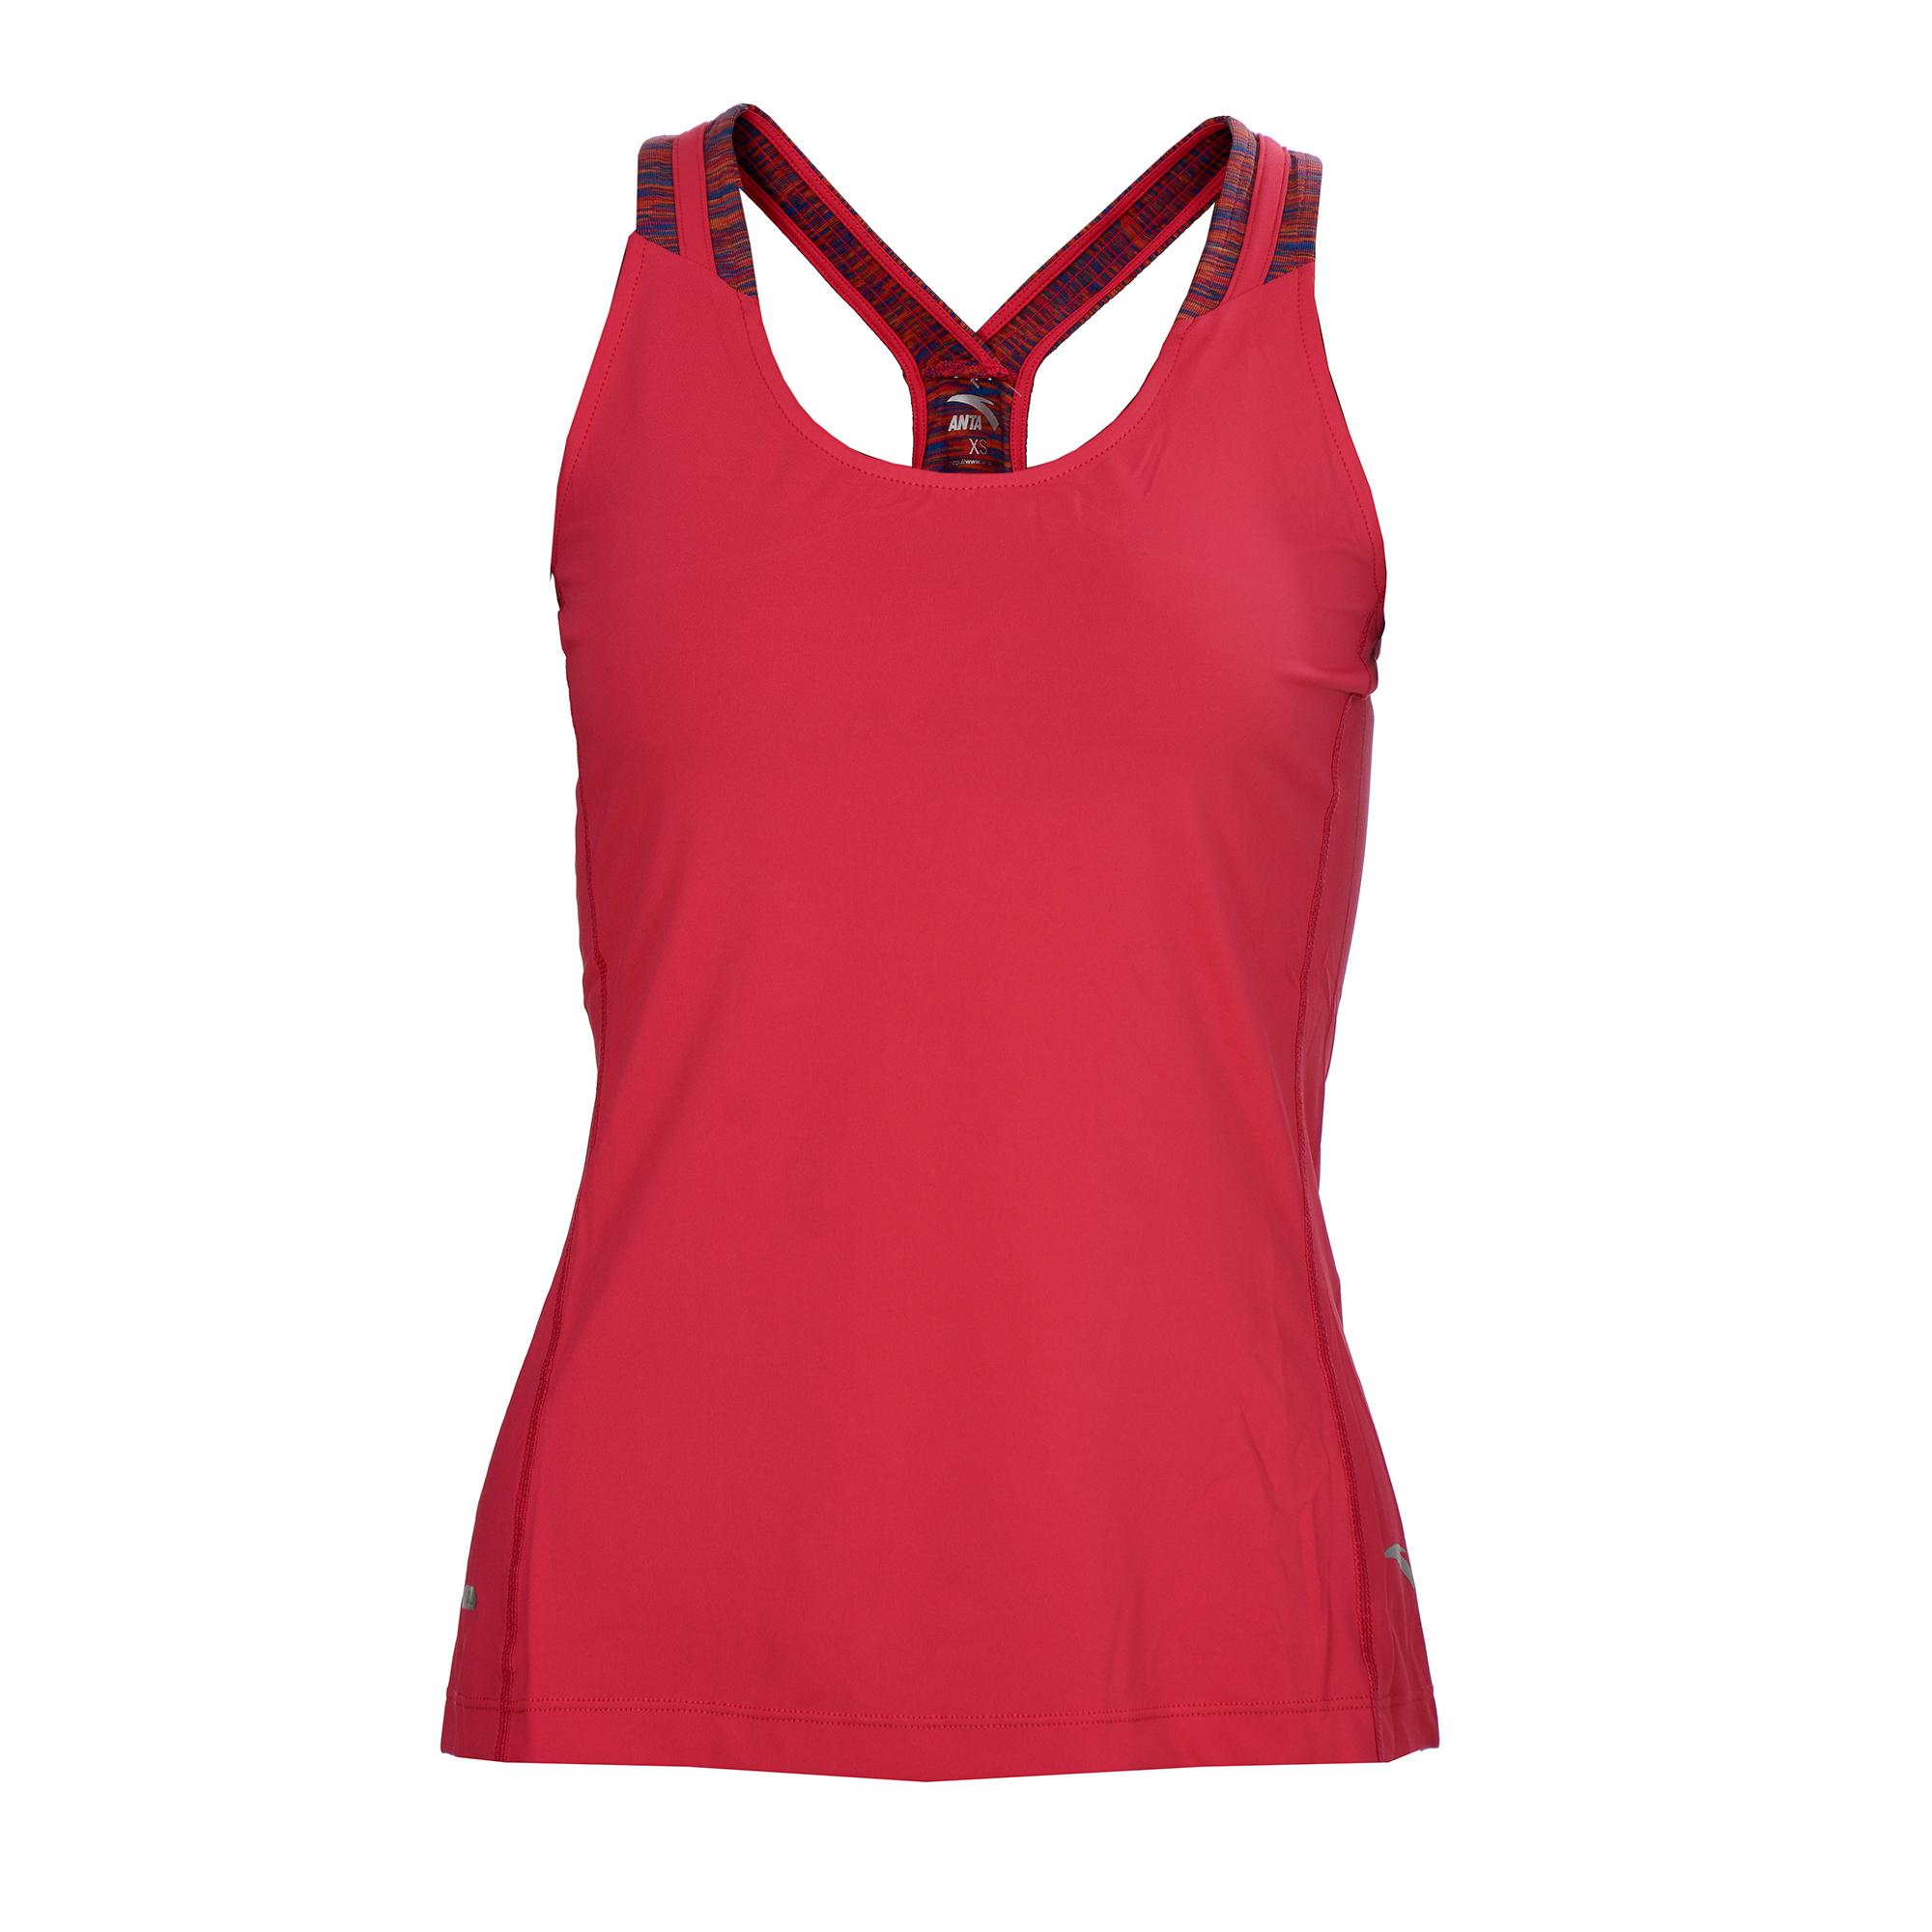 تاپ ورزشی زنانه آنتا مدل 86525103-3